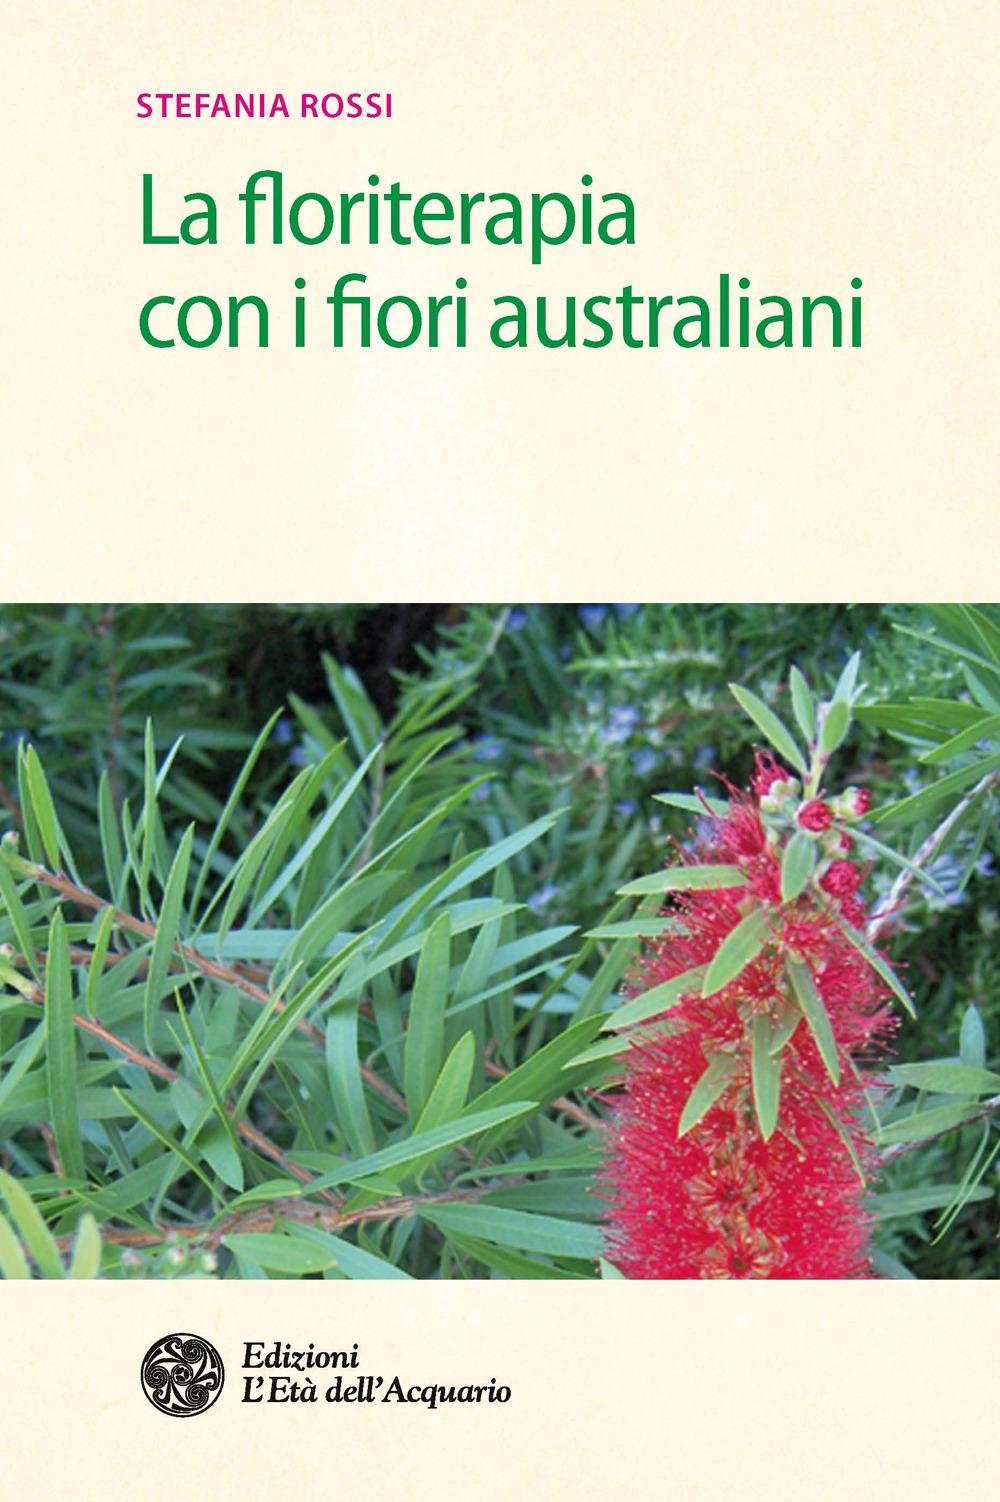 La floriterapia con i fiori australiani.